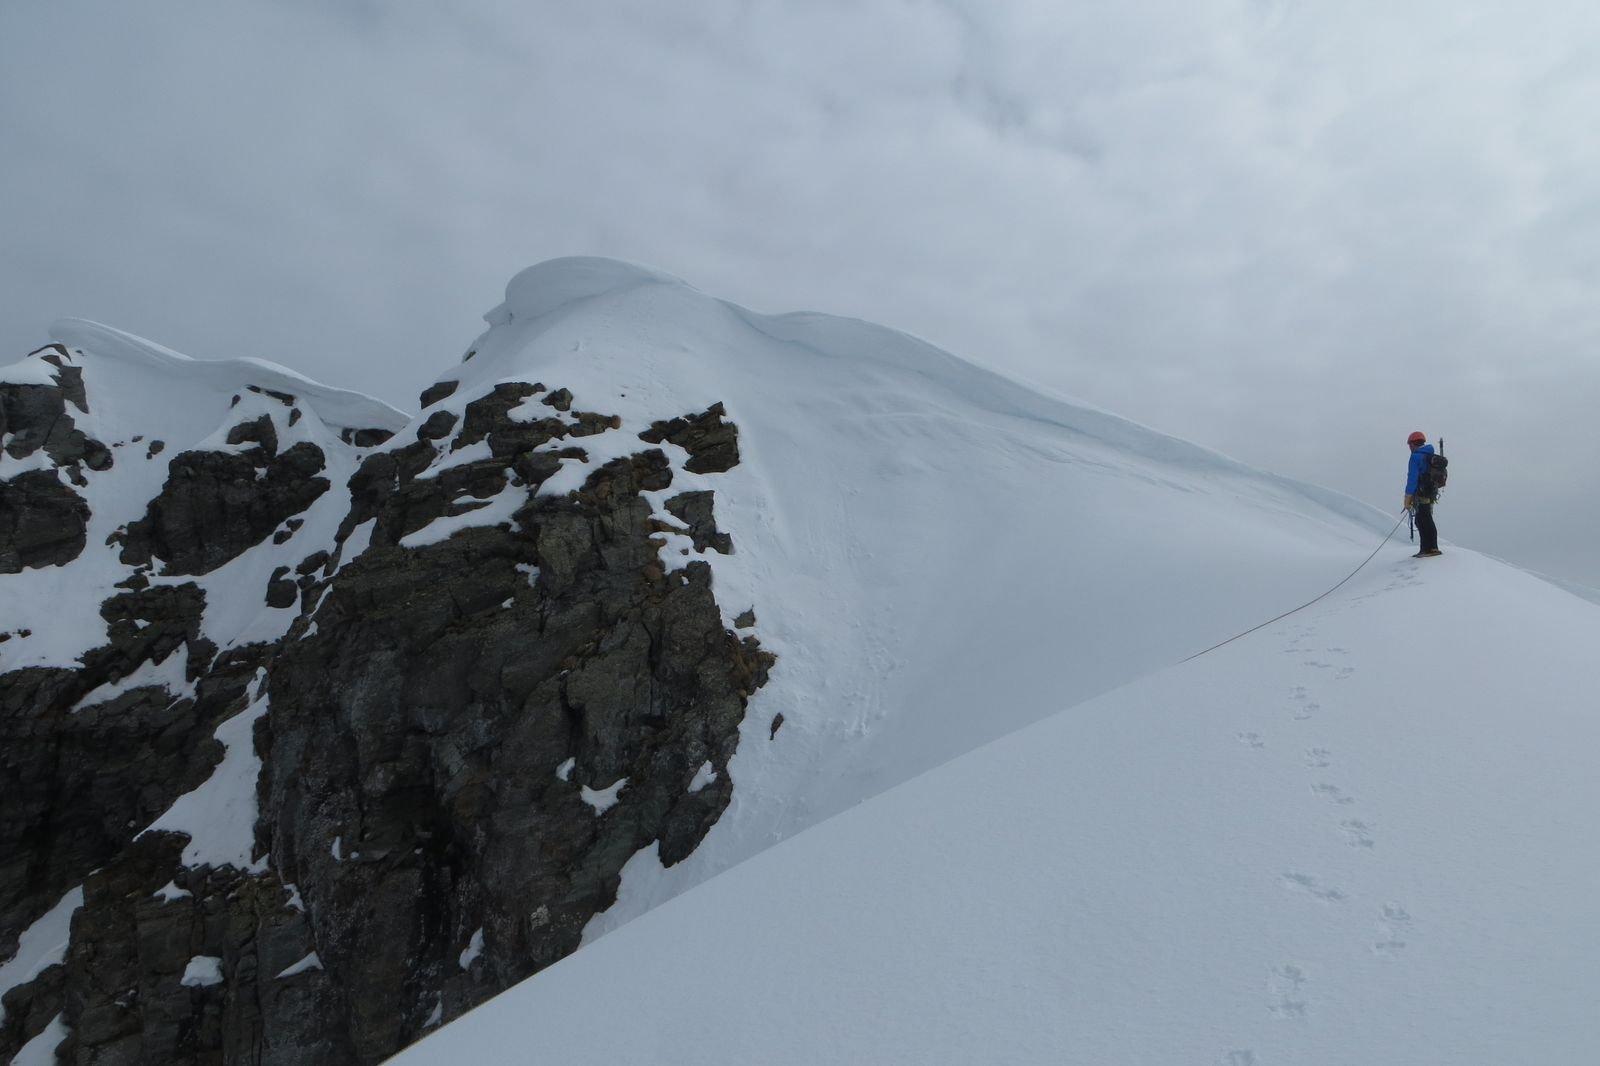 all'uscita in cresta cornici patagoniche incombono sul prosieguo verso la vetta :-o